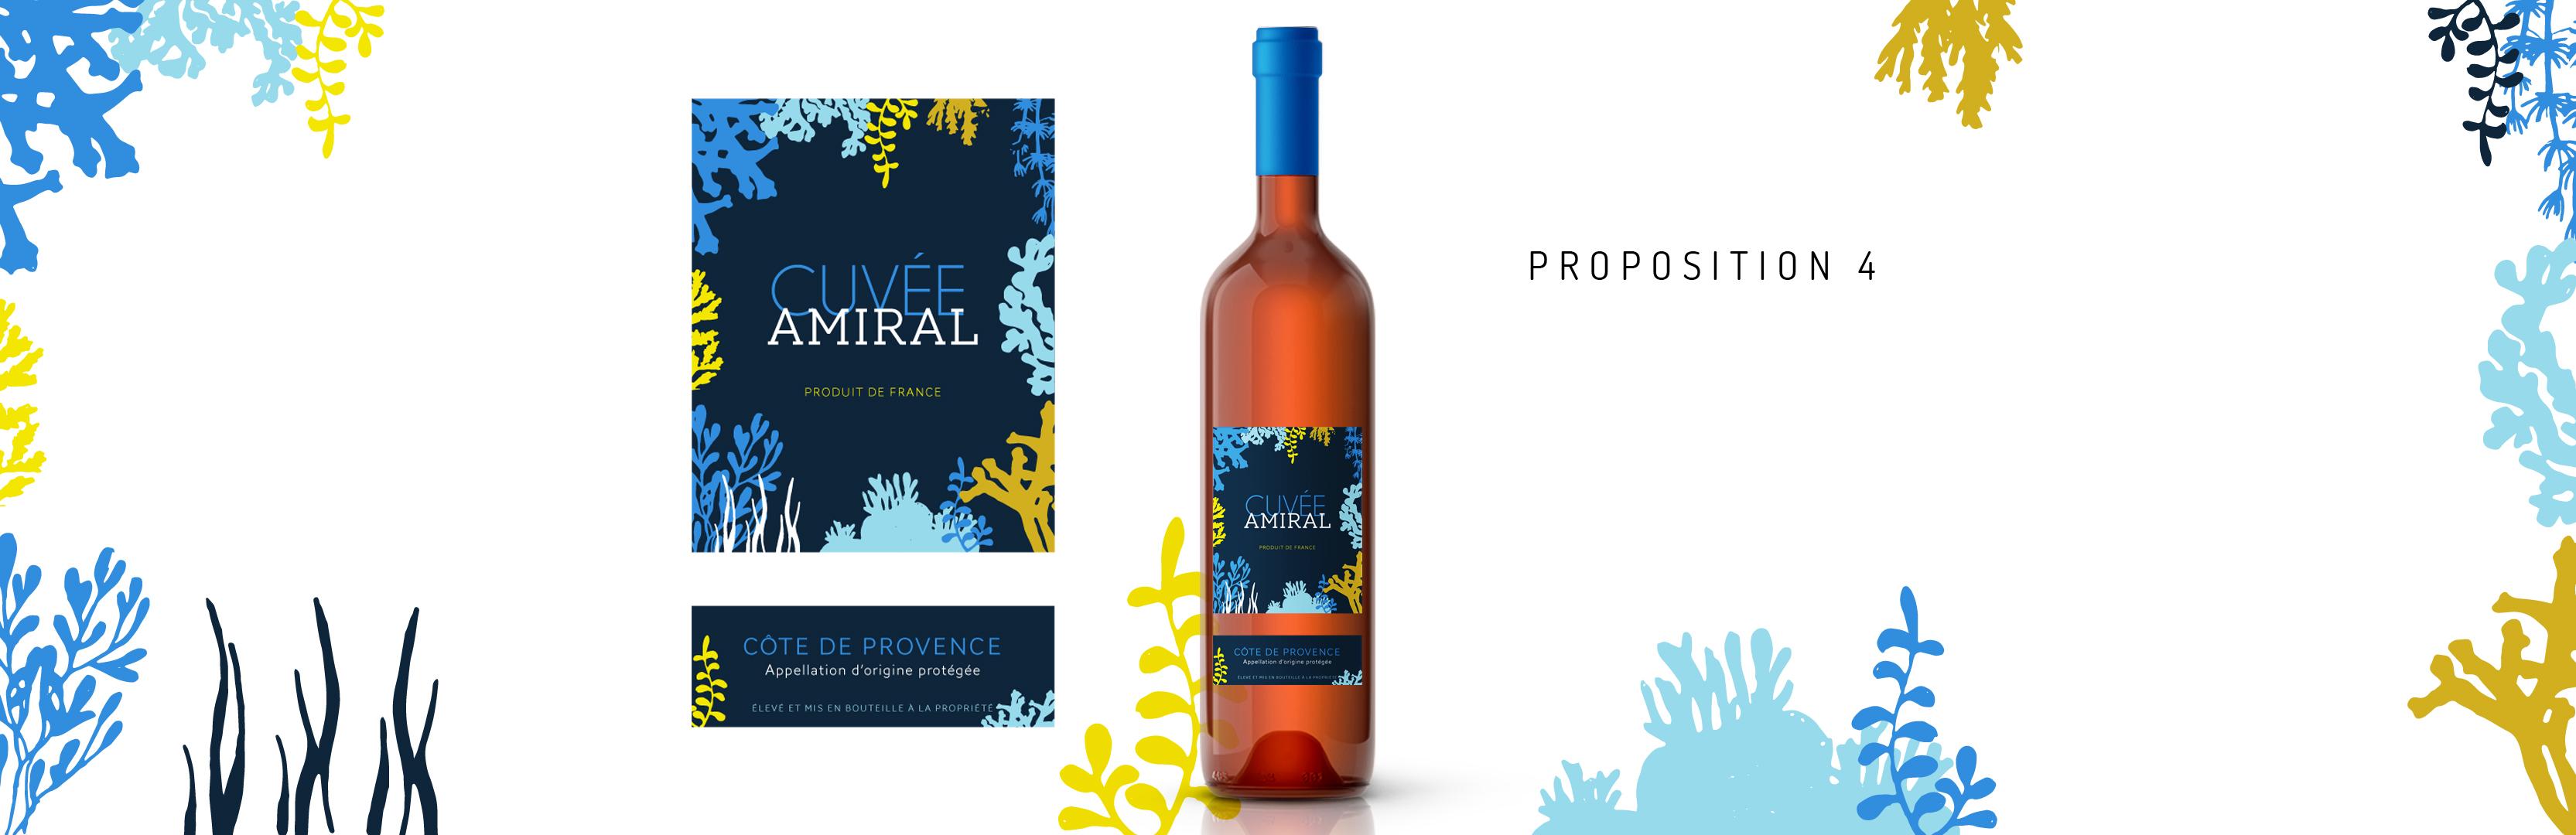 Habillage de bouteille Cuvée Amiral proposition 4